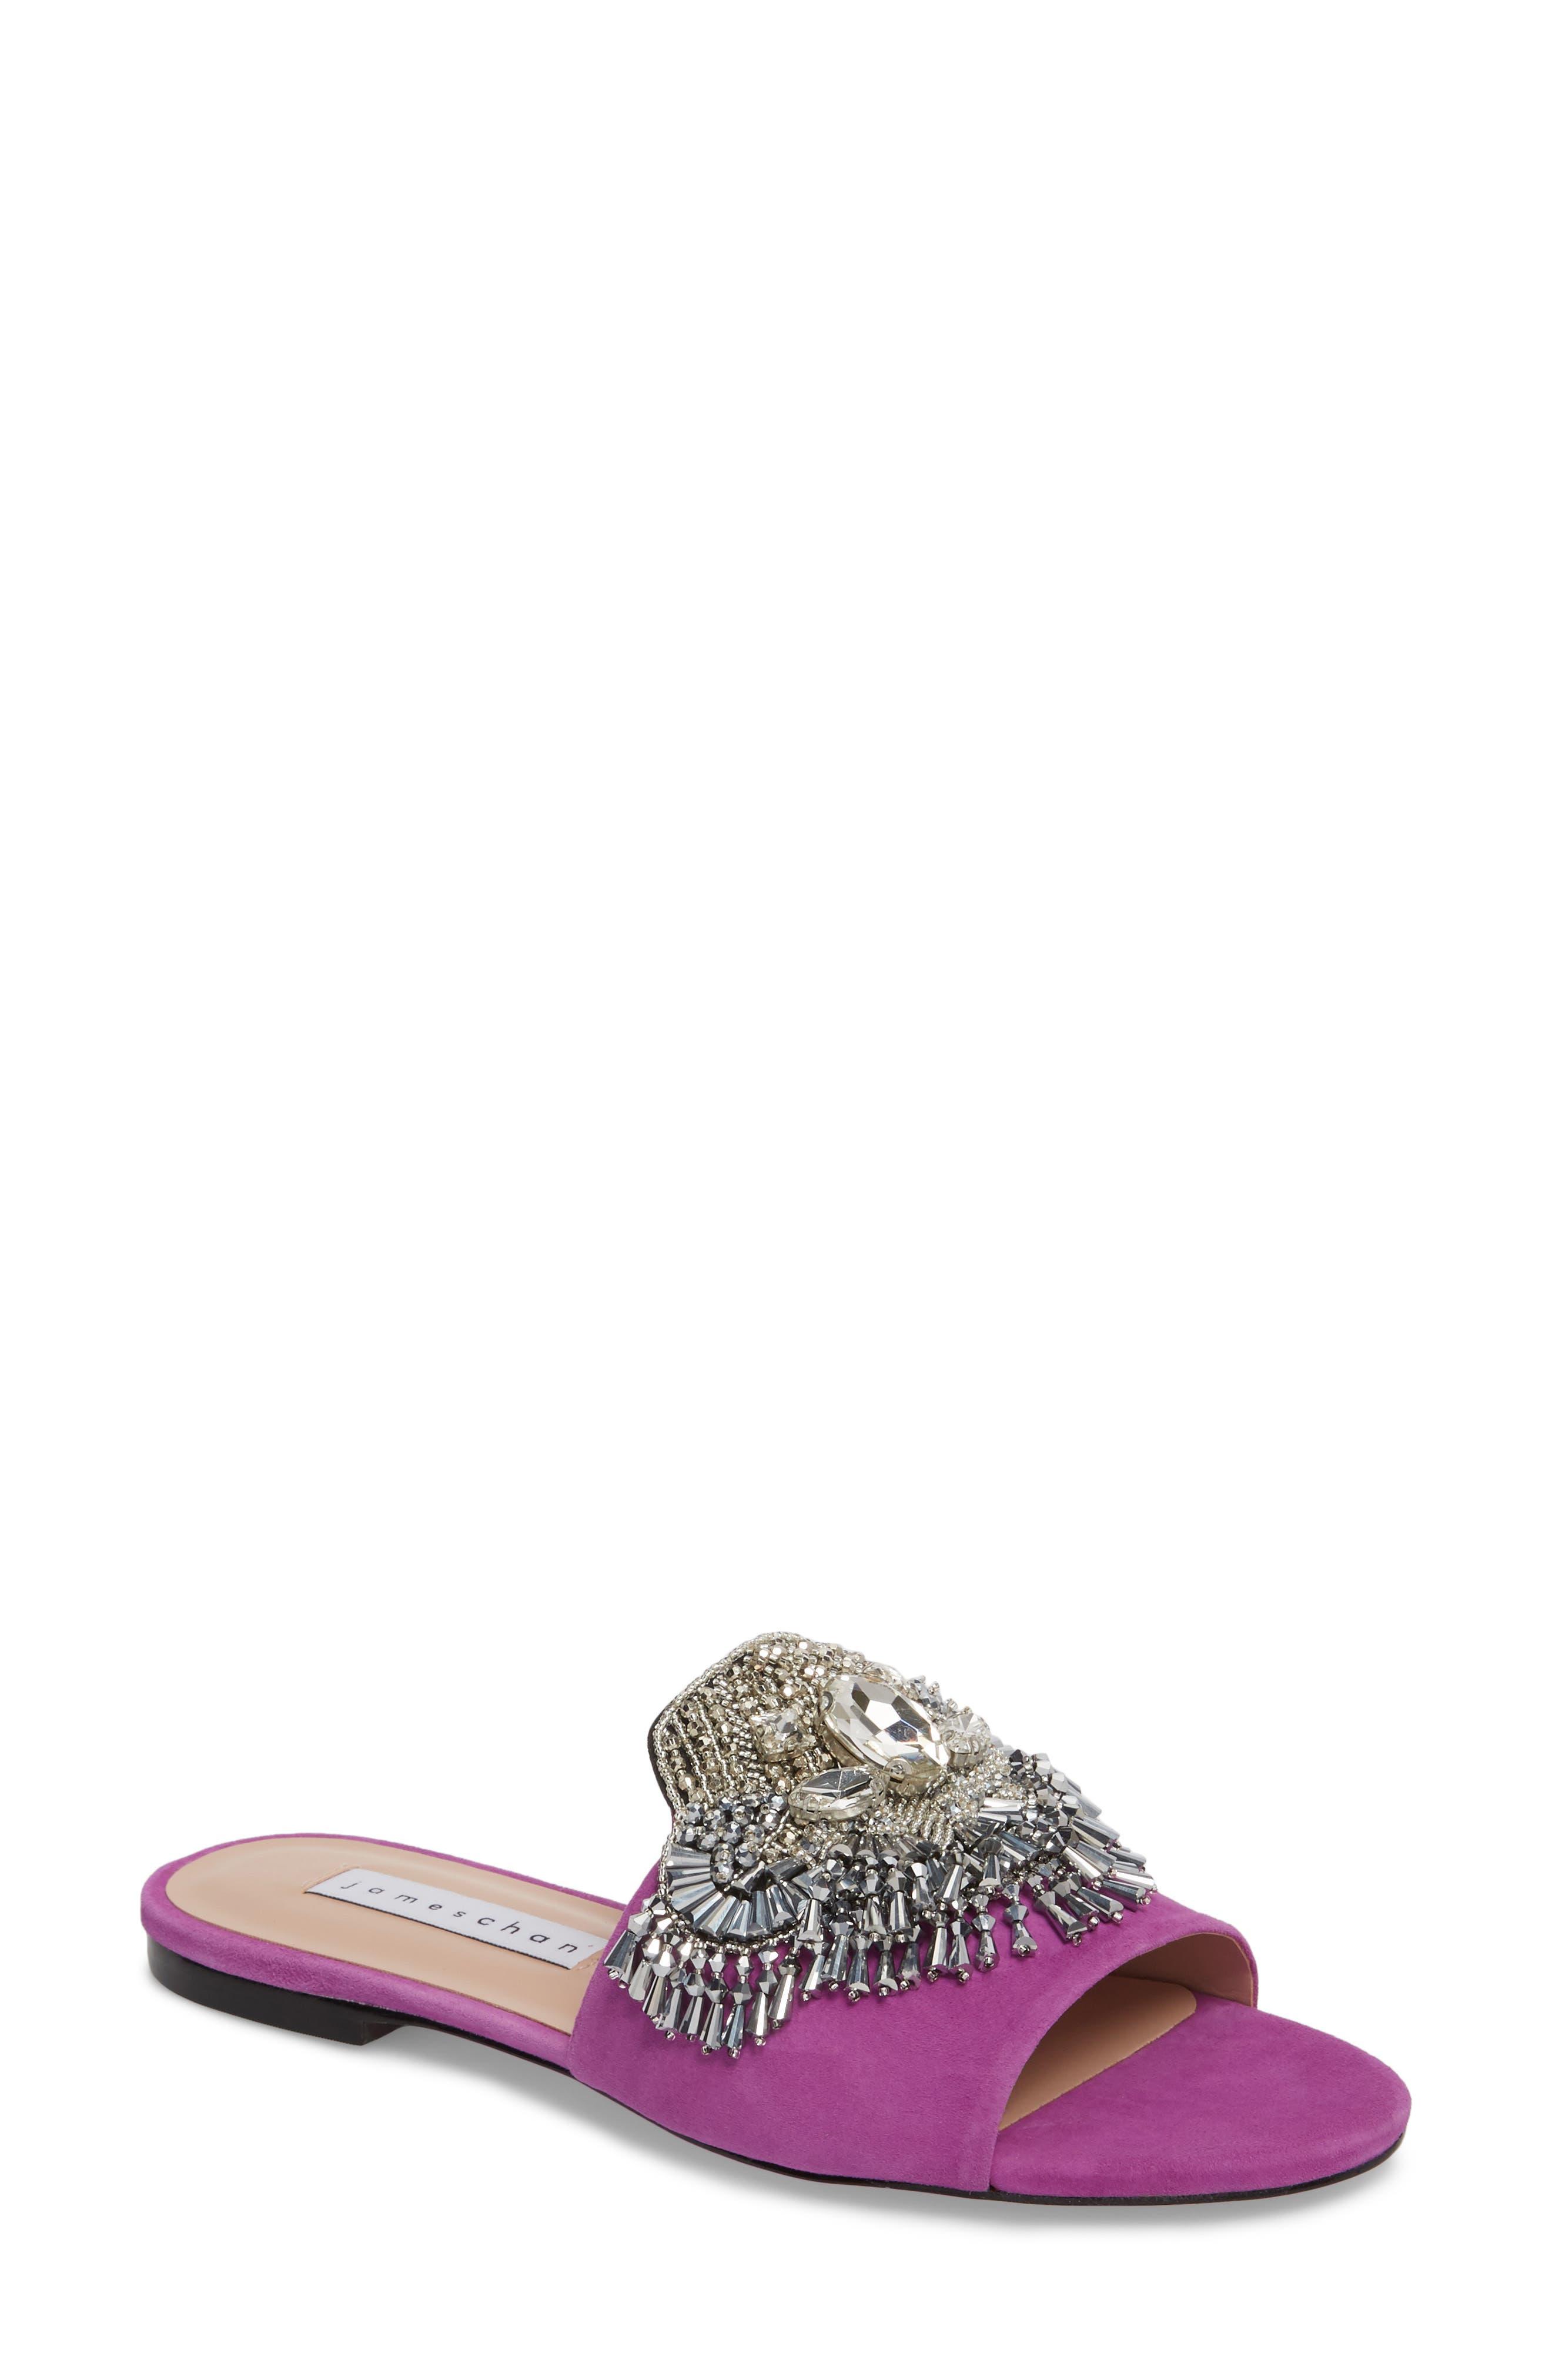 Alternate Image 1 Selected - James Chan Jallie Crystal Embellished Slide (Women)